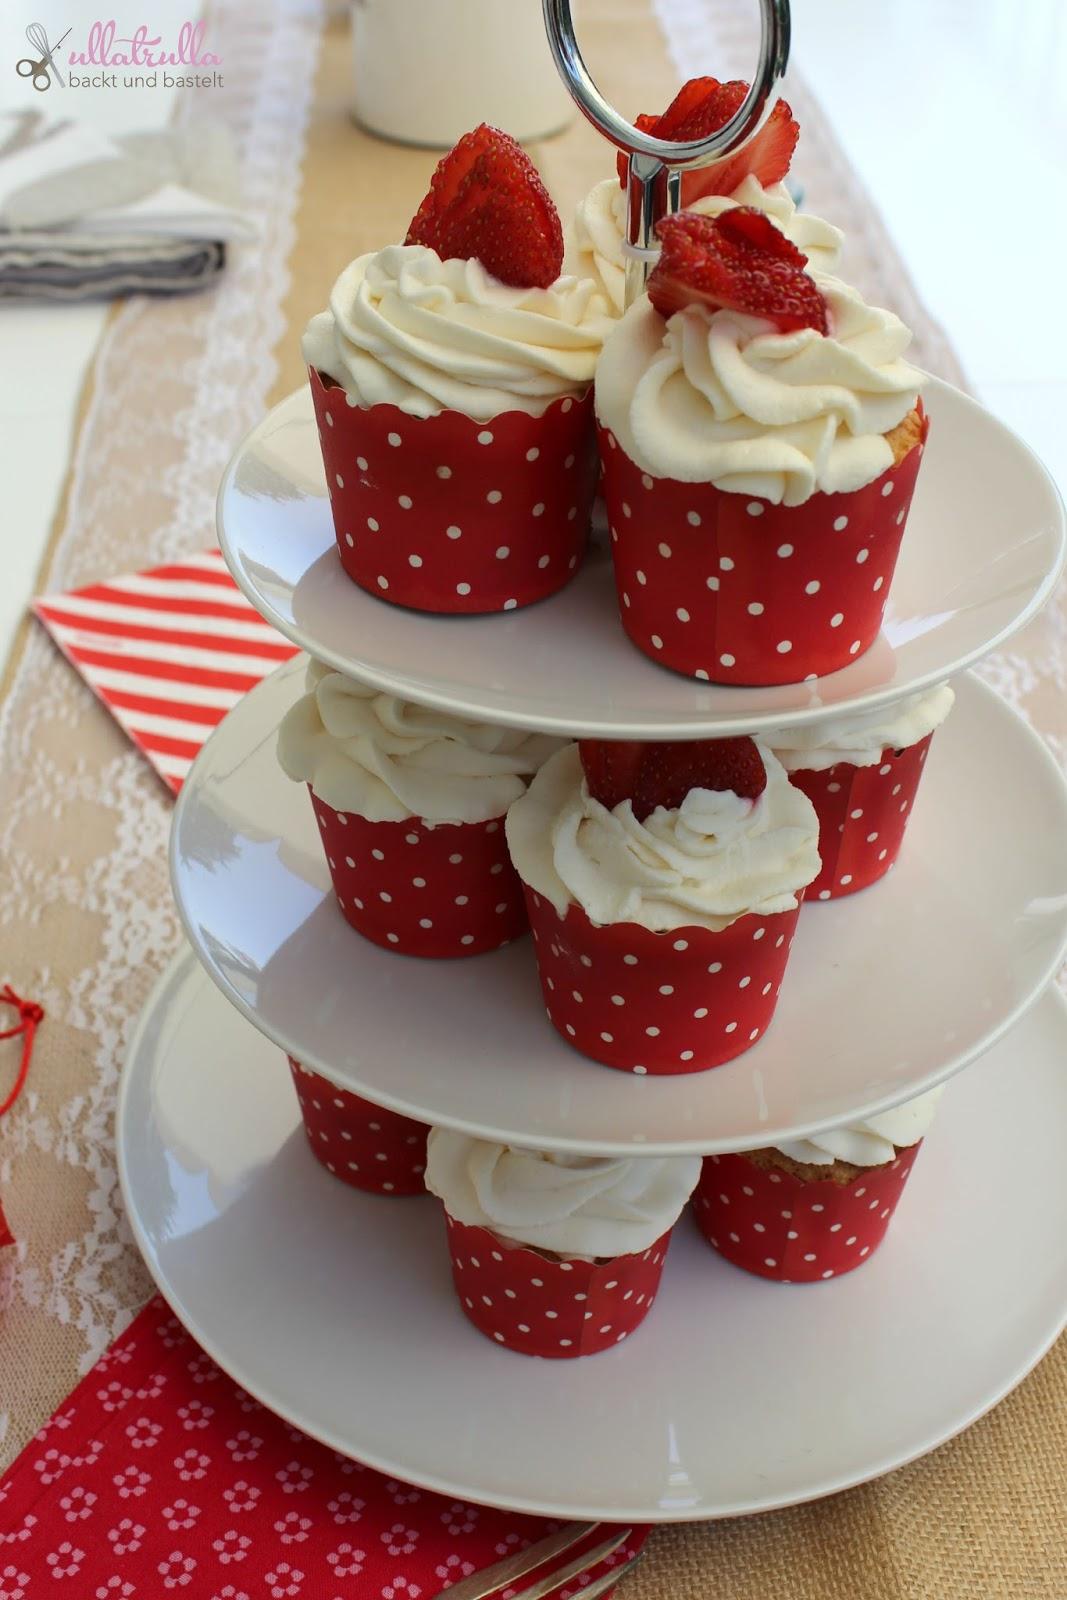 ullatrulla backt und bastelt cupcakes mit erdbeeren und sahne. Black Bedroom Furniture Sets. Home Design Ideas